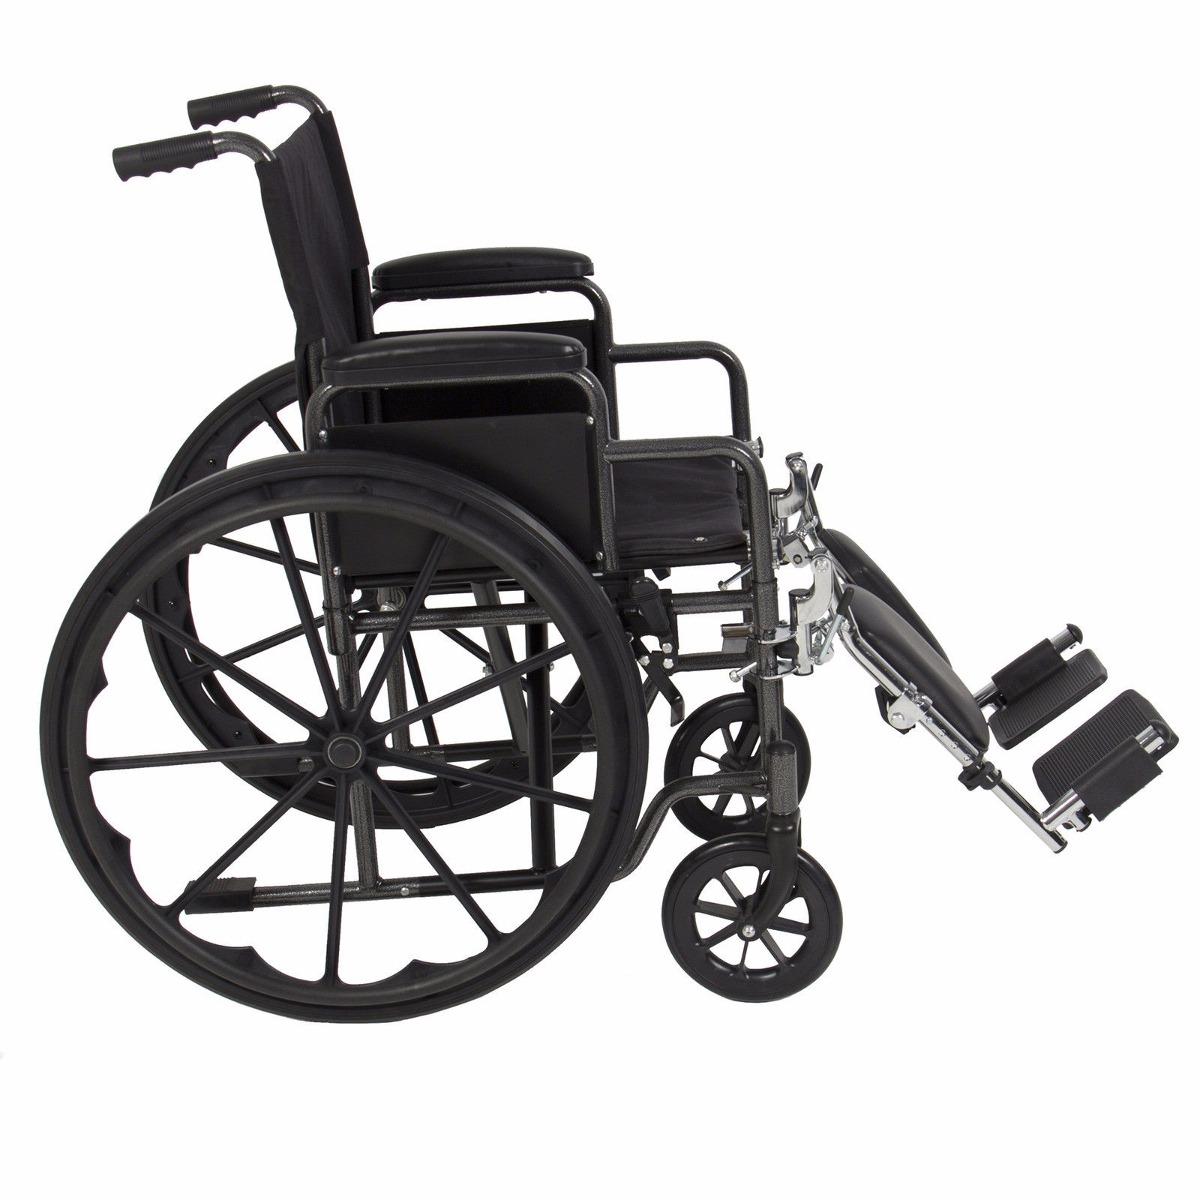 Silla de ruedas plegable ligera reposapiernas y roposabrazos 5 en mercadolibre - Silla ruedas plegable ...